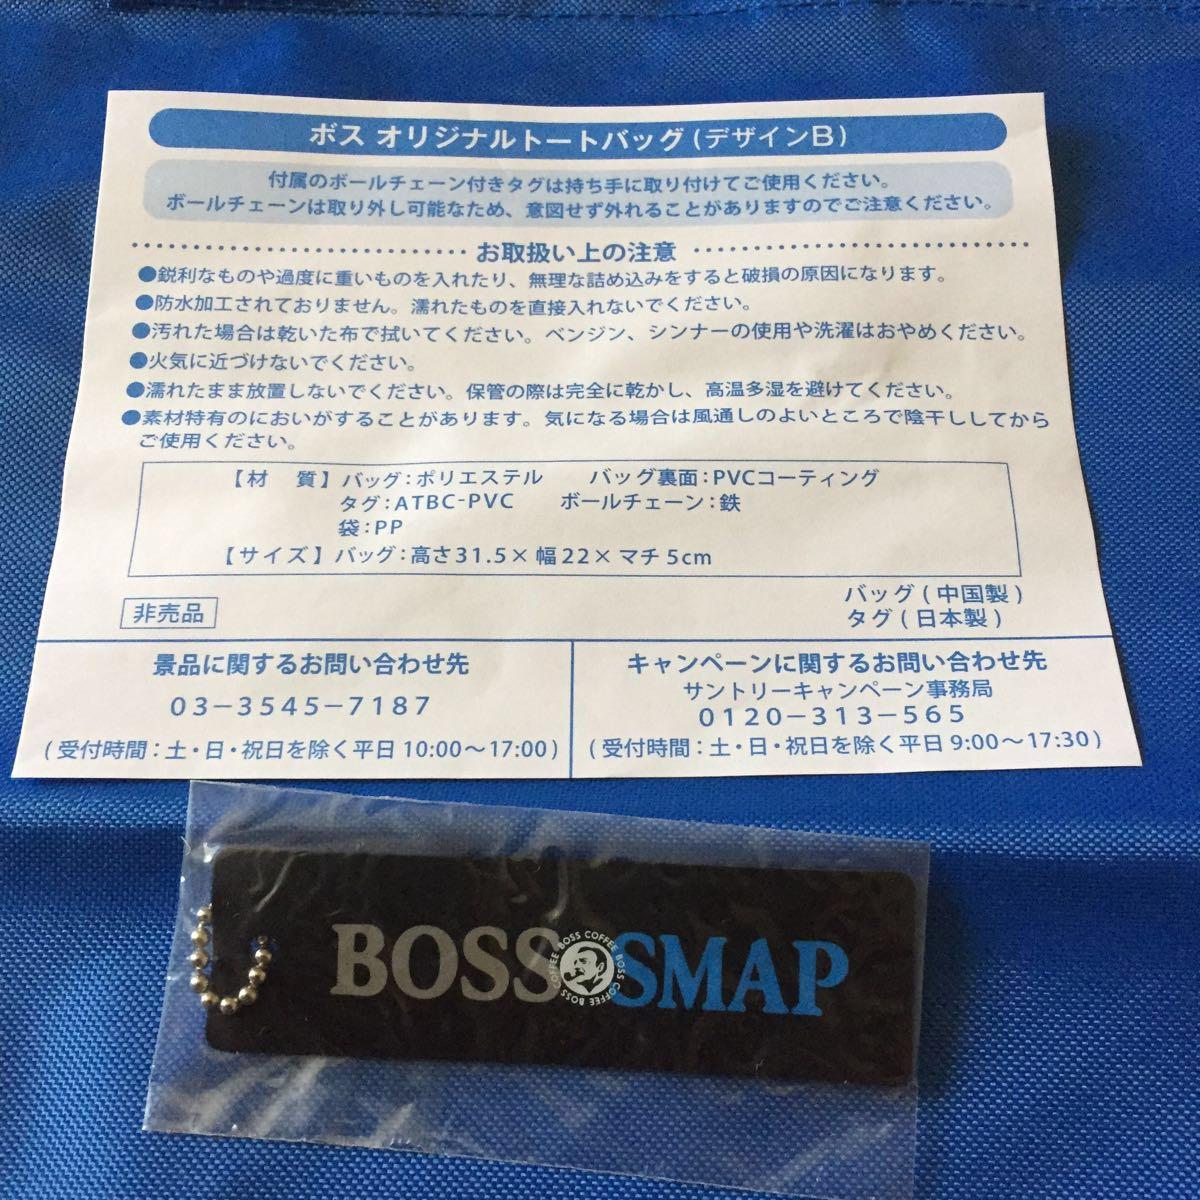 レア非売品 サントリー BOSS×SMAP ボスオリジナルトートバッグ(デザインB)_画像3